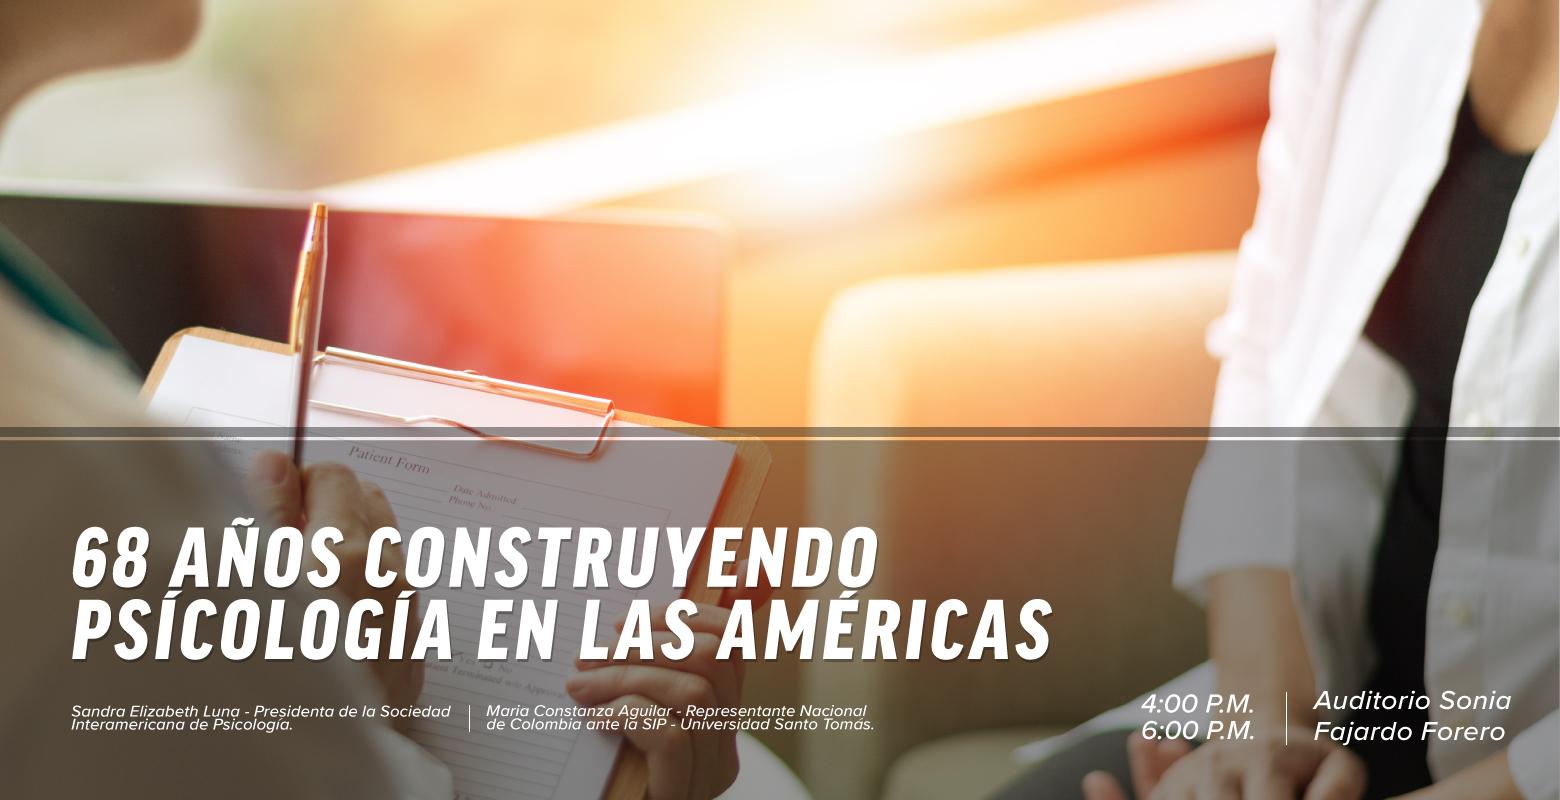 68 años construyendo Psicología en las Américas